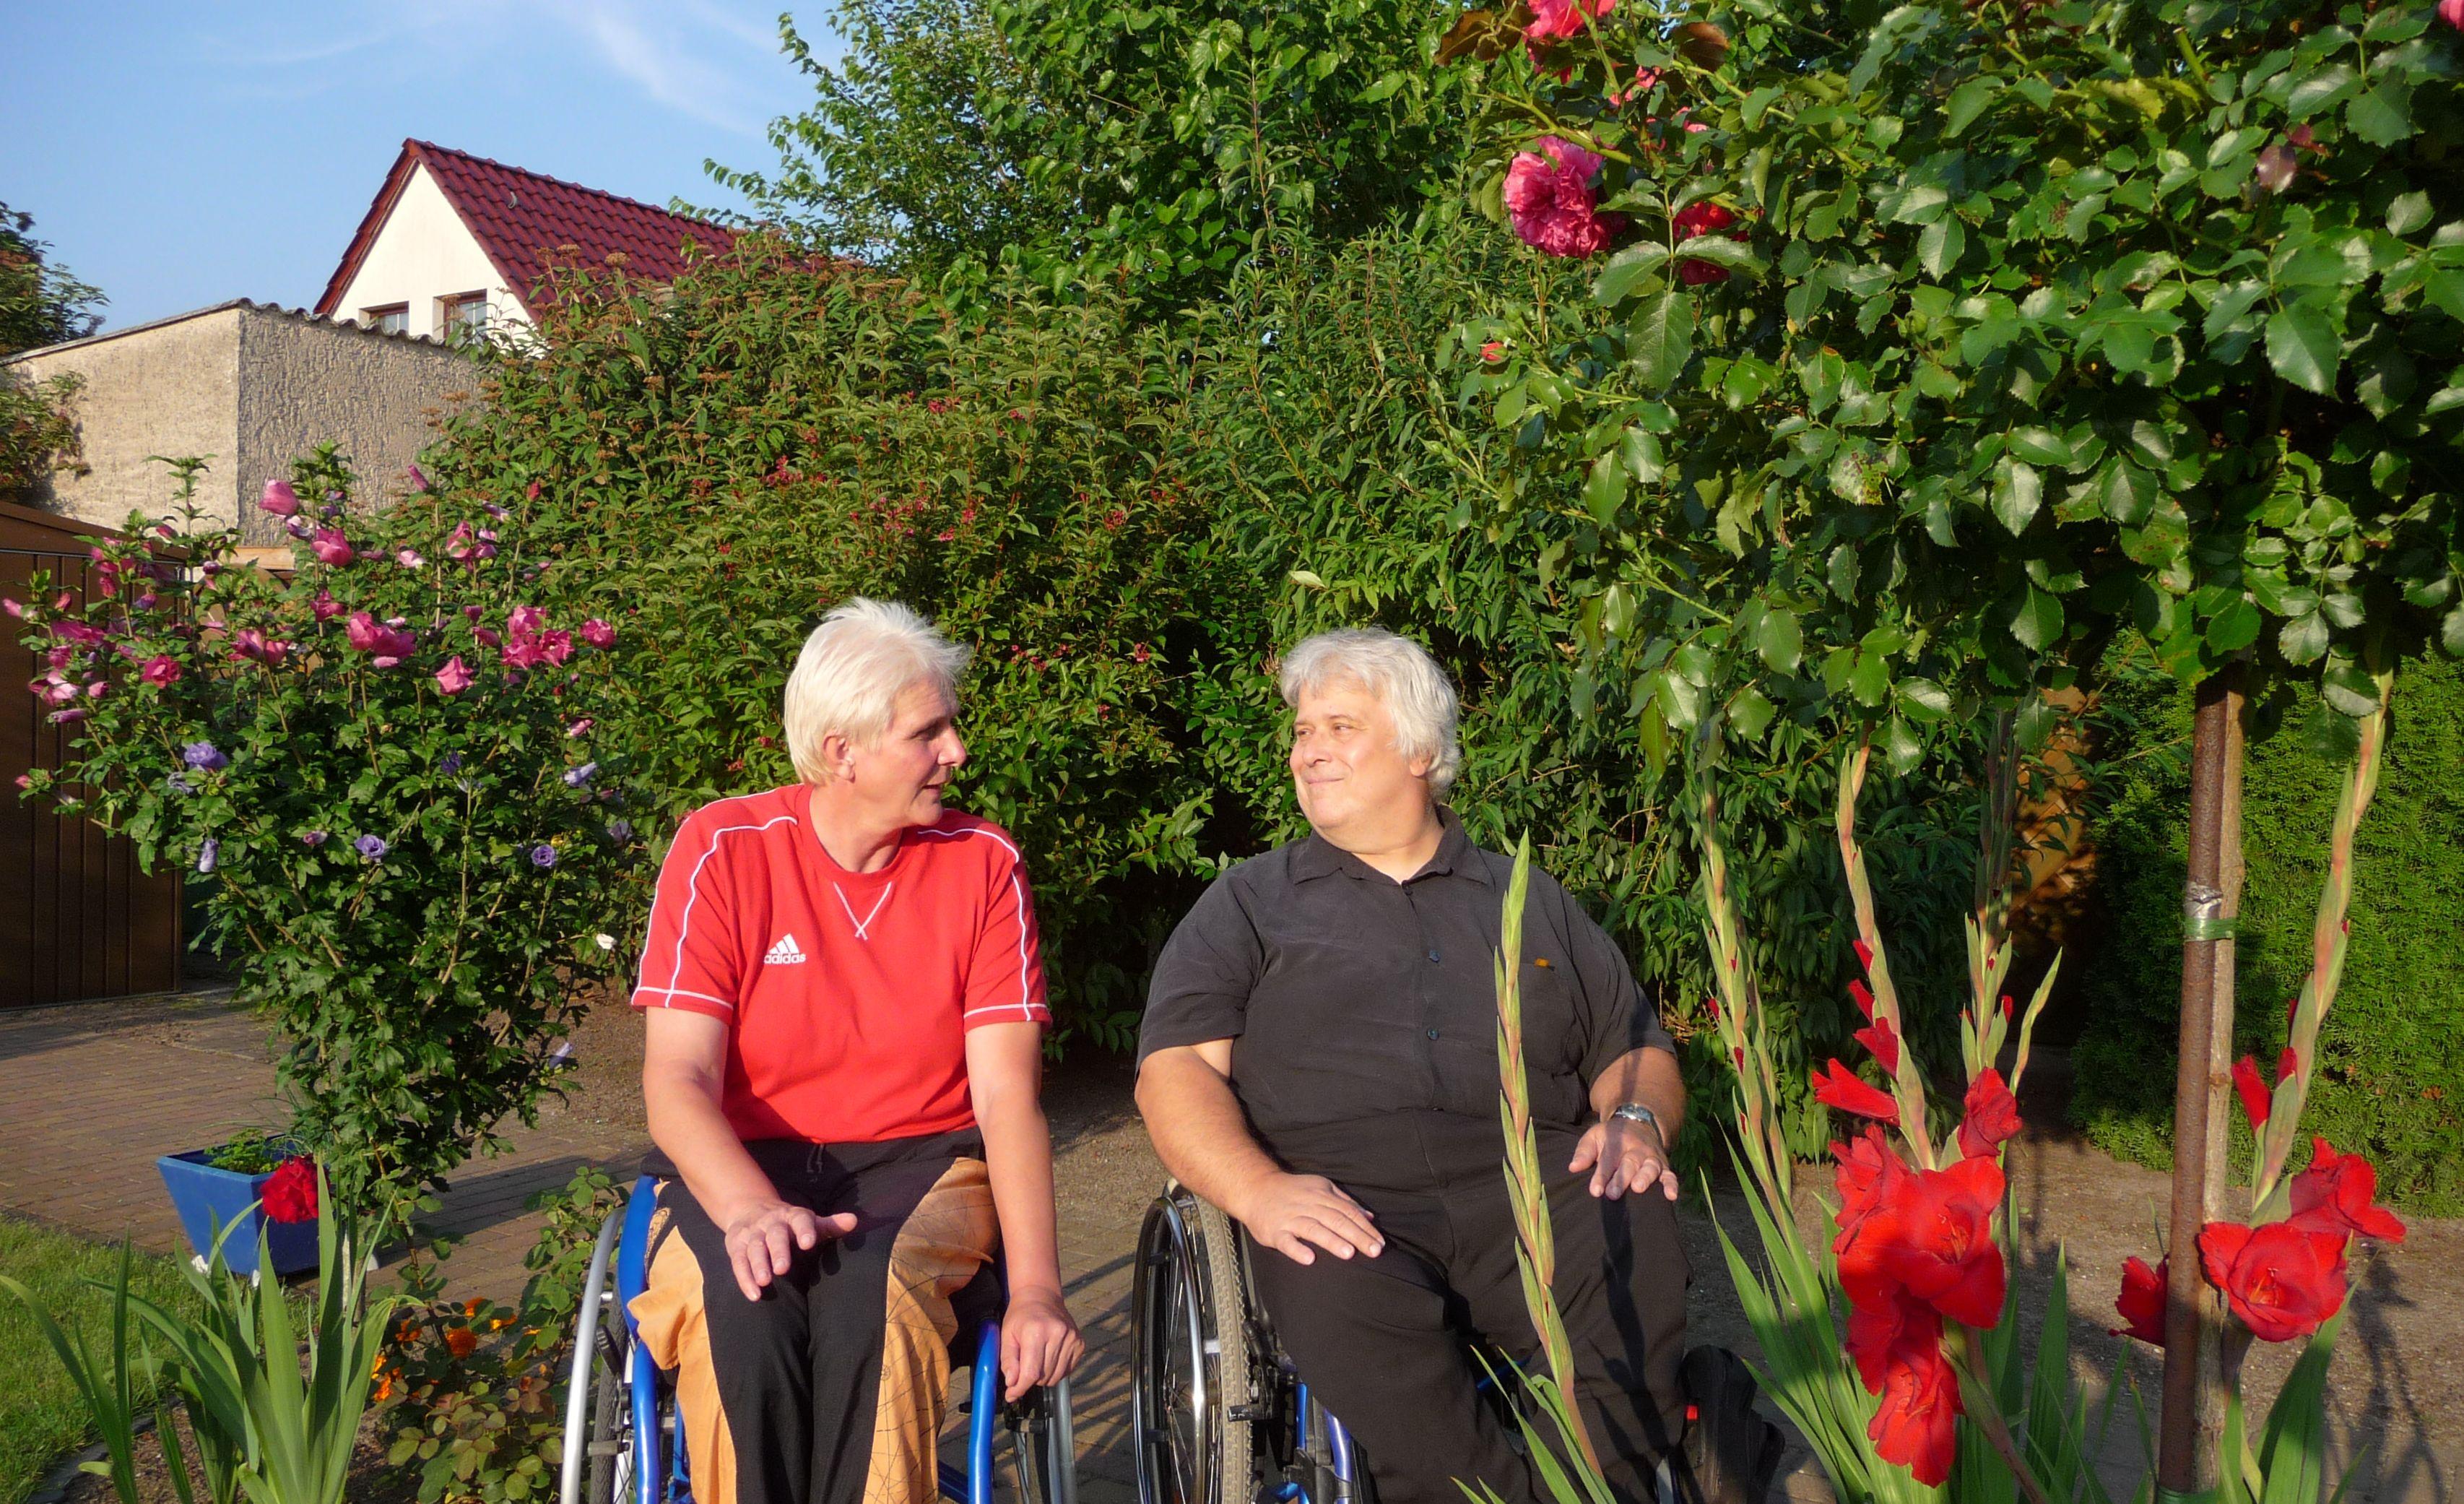 Marianne Buggenhagen, Jürgen Hobrecht im Bernauer Garten